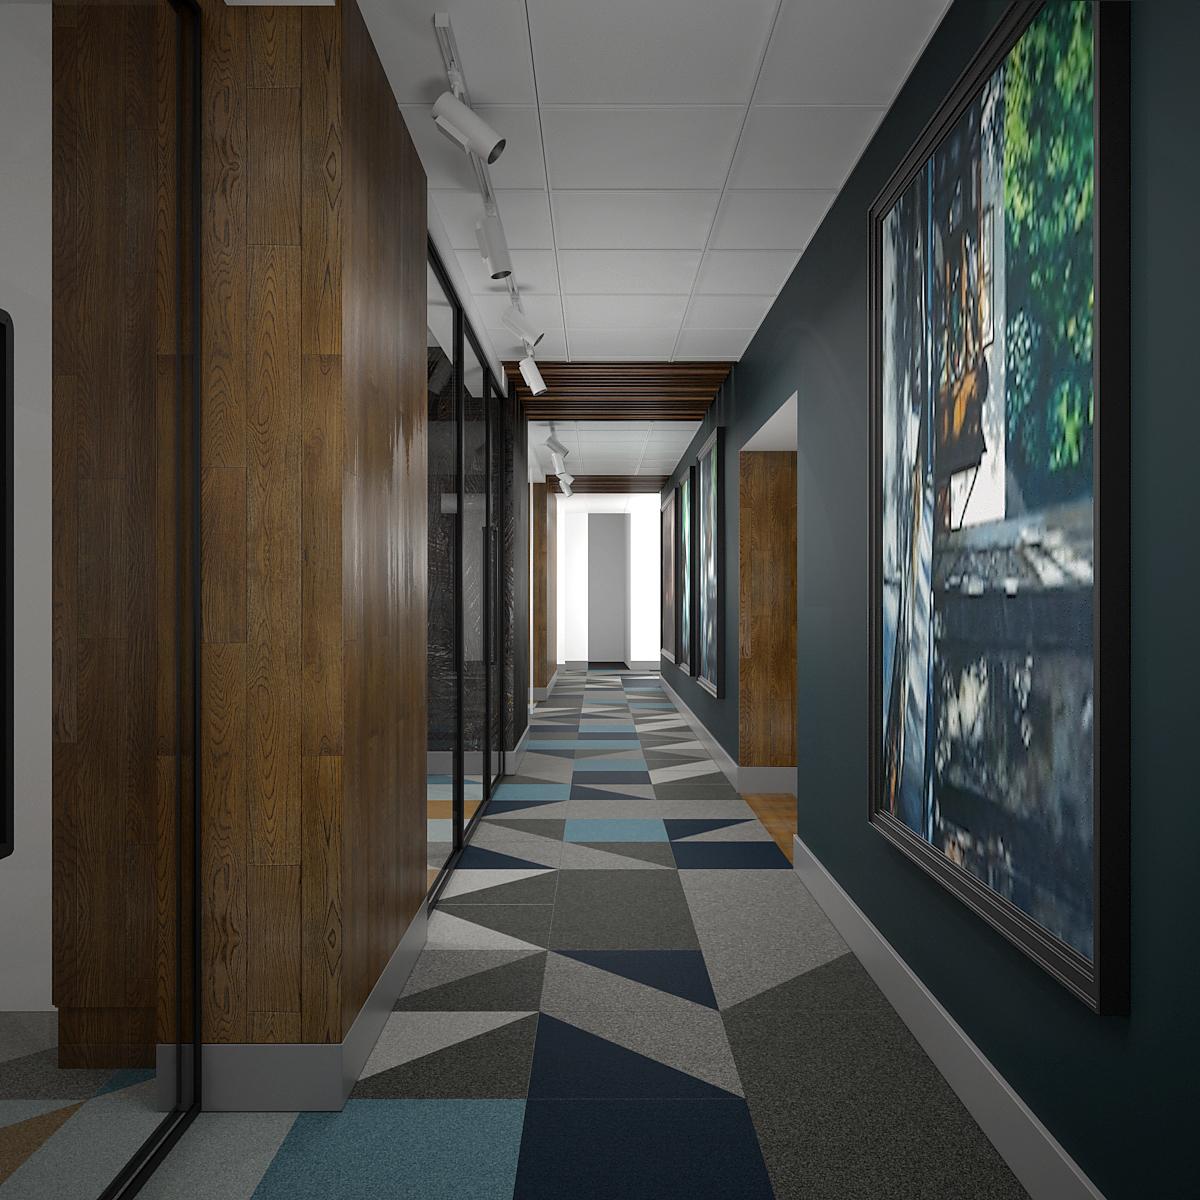 7 projekt biura 547 Kancelaria warszawa korytarz wykladzina w geometryczne wzory plyta meblowa na scianie czarna sciana z duzymi obrazami